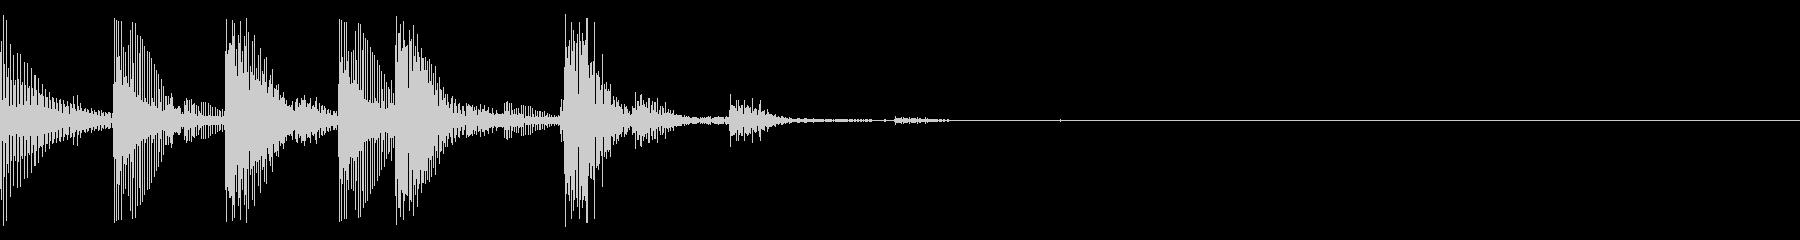 歩き出すときのサウンドの未再生の波形